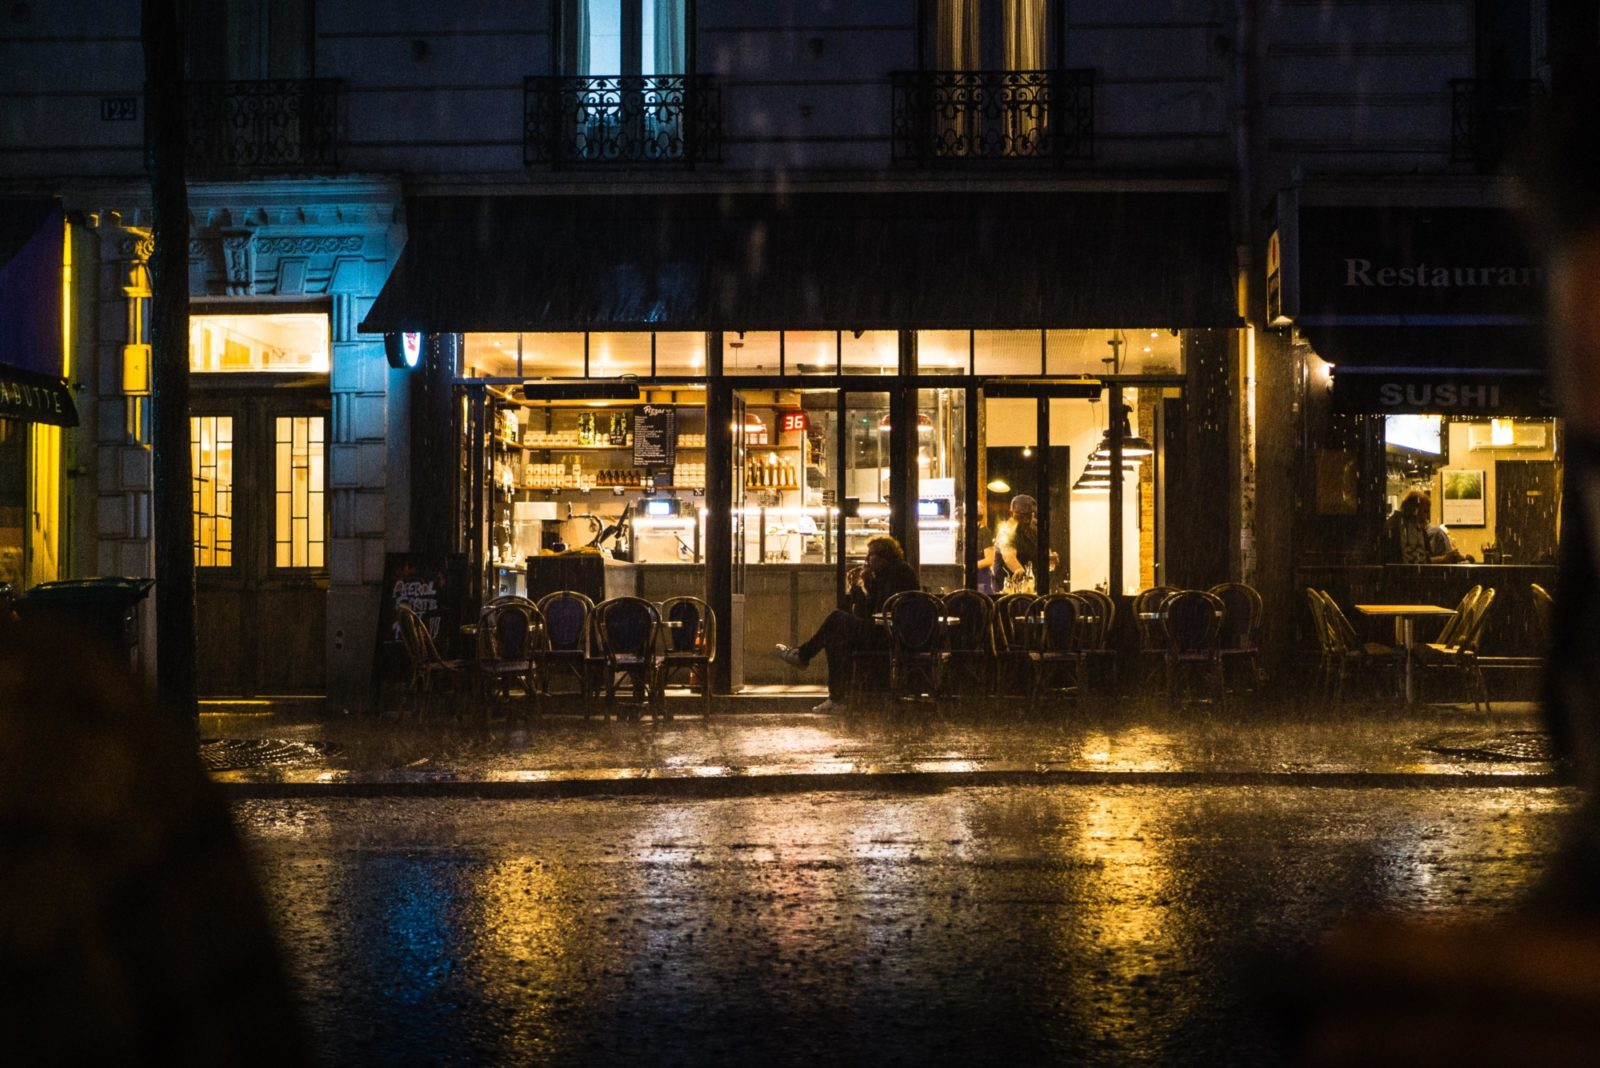 Restaurant weather